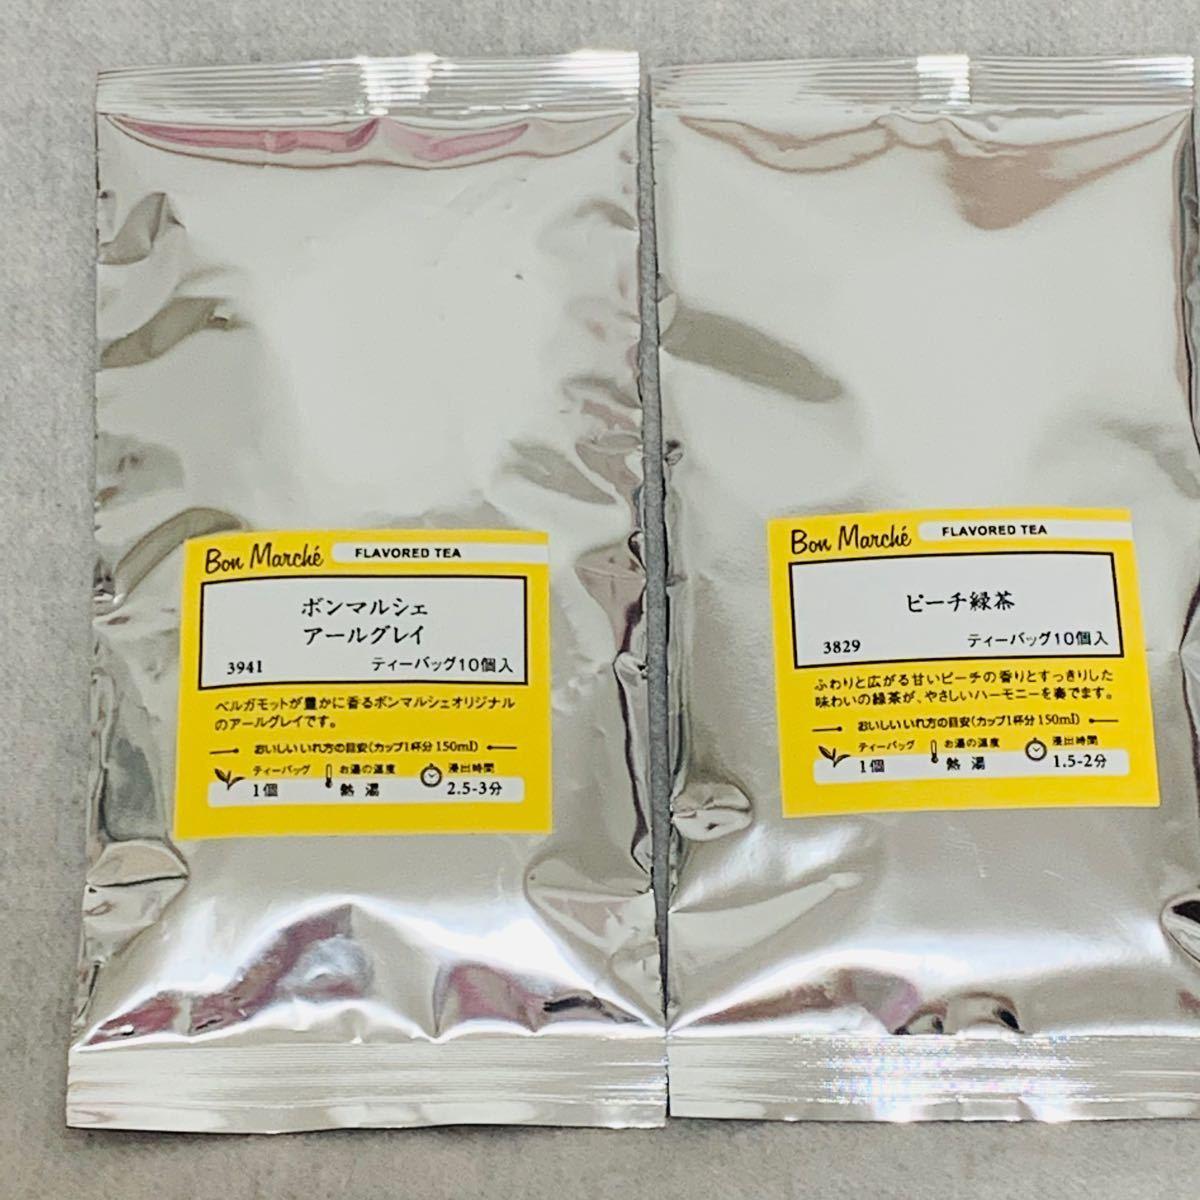 ルピシア ボンマルシェ ティーバッグ ピーチ緑茶 ボンマルシェアールグレイ